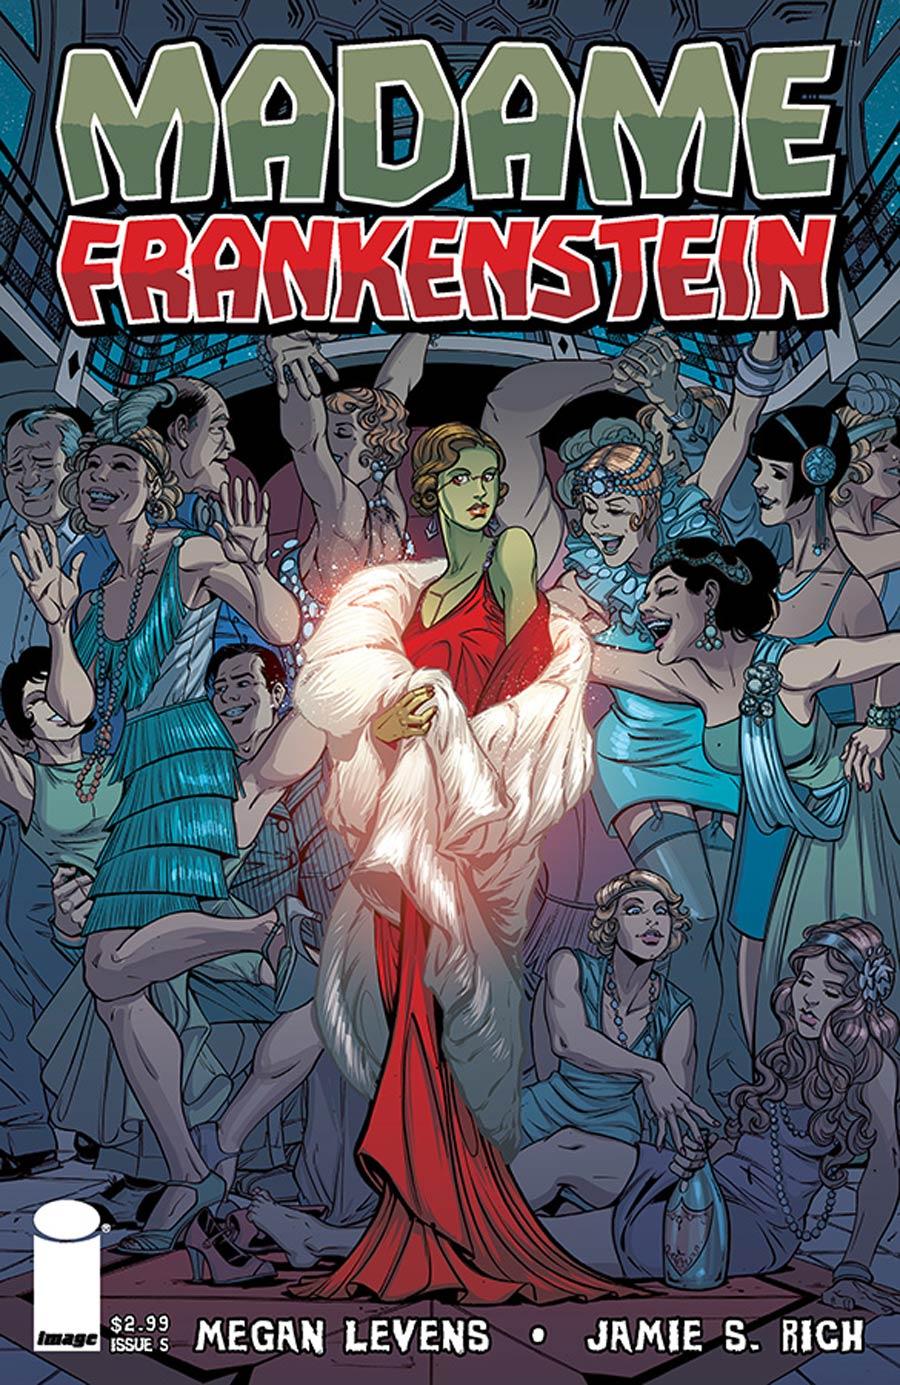 Madame Frankenstein #5